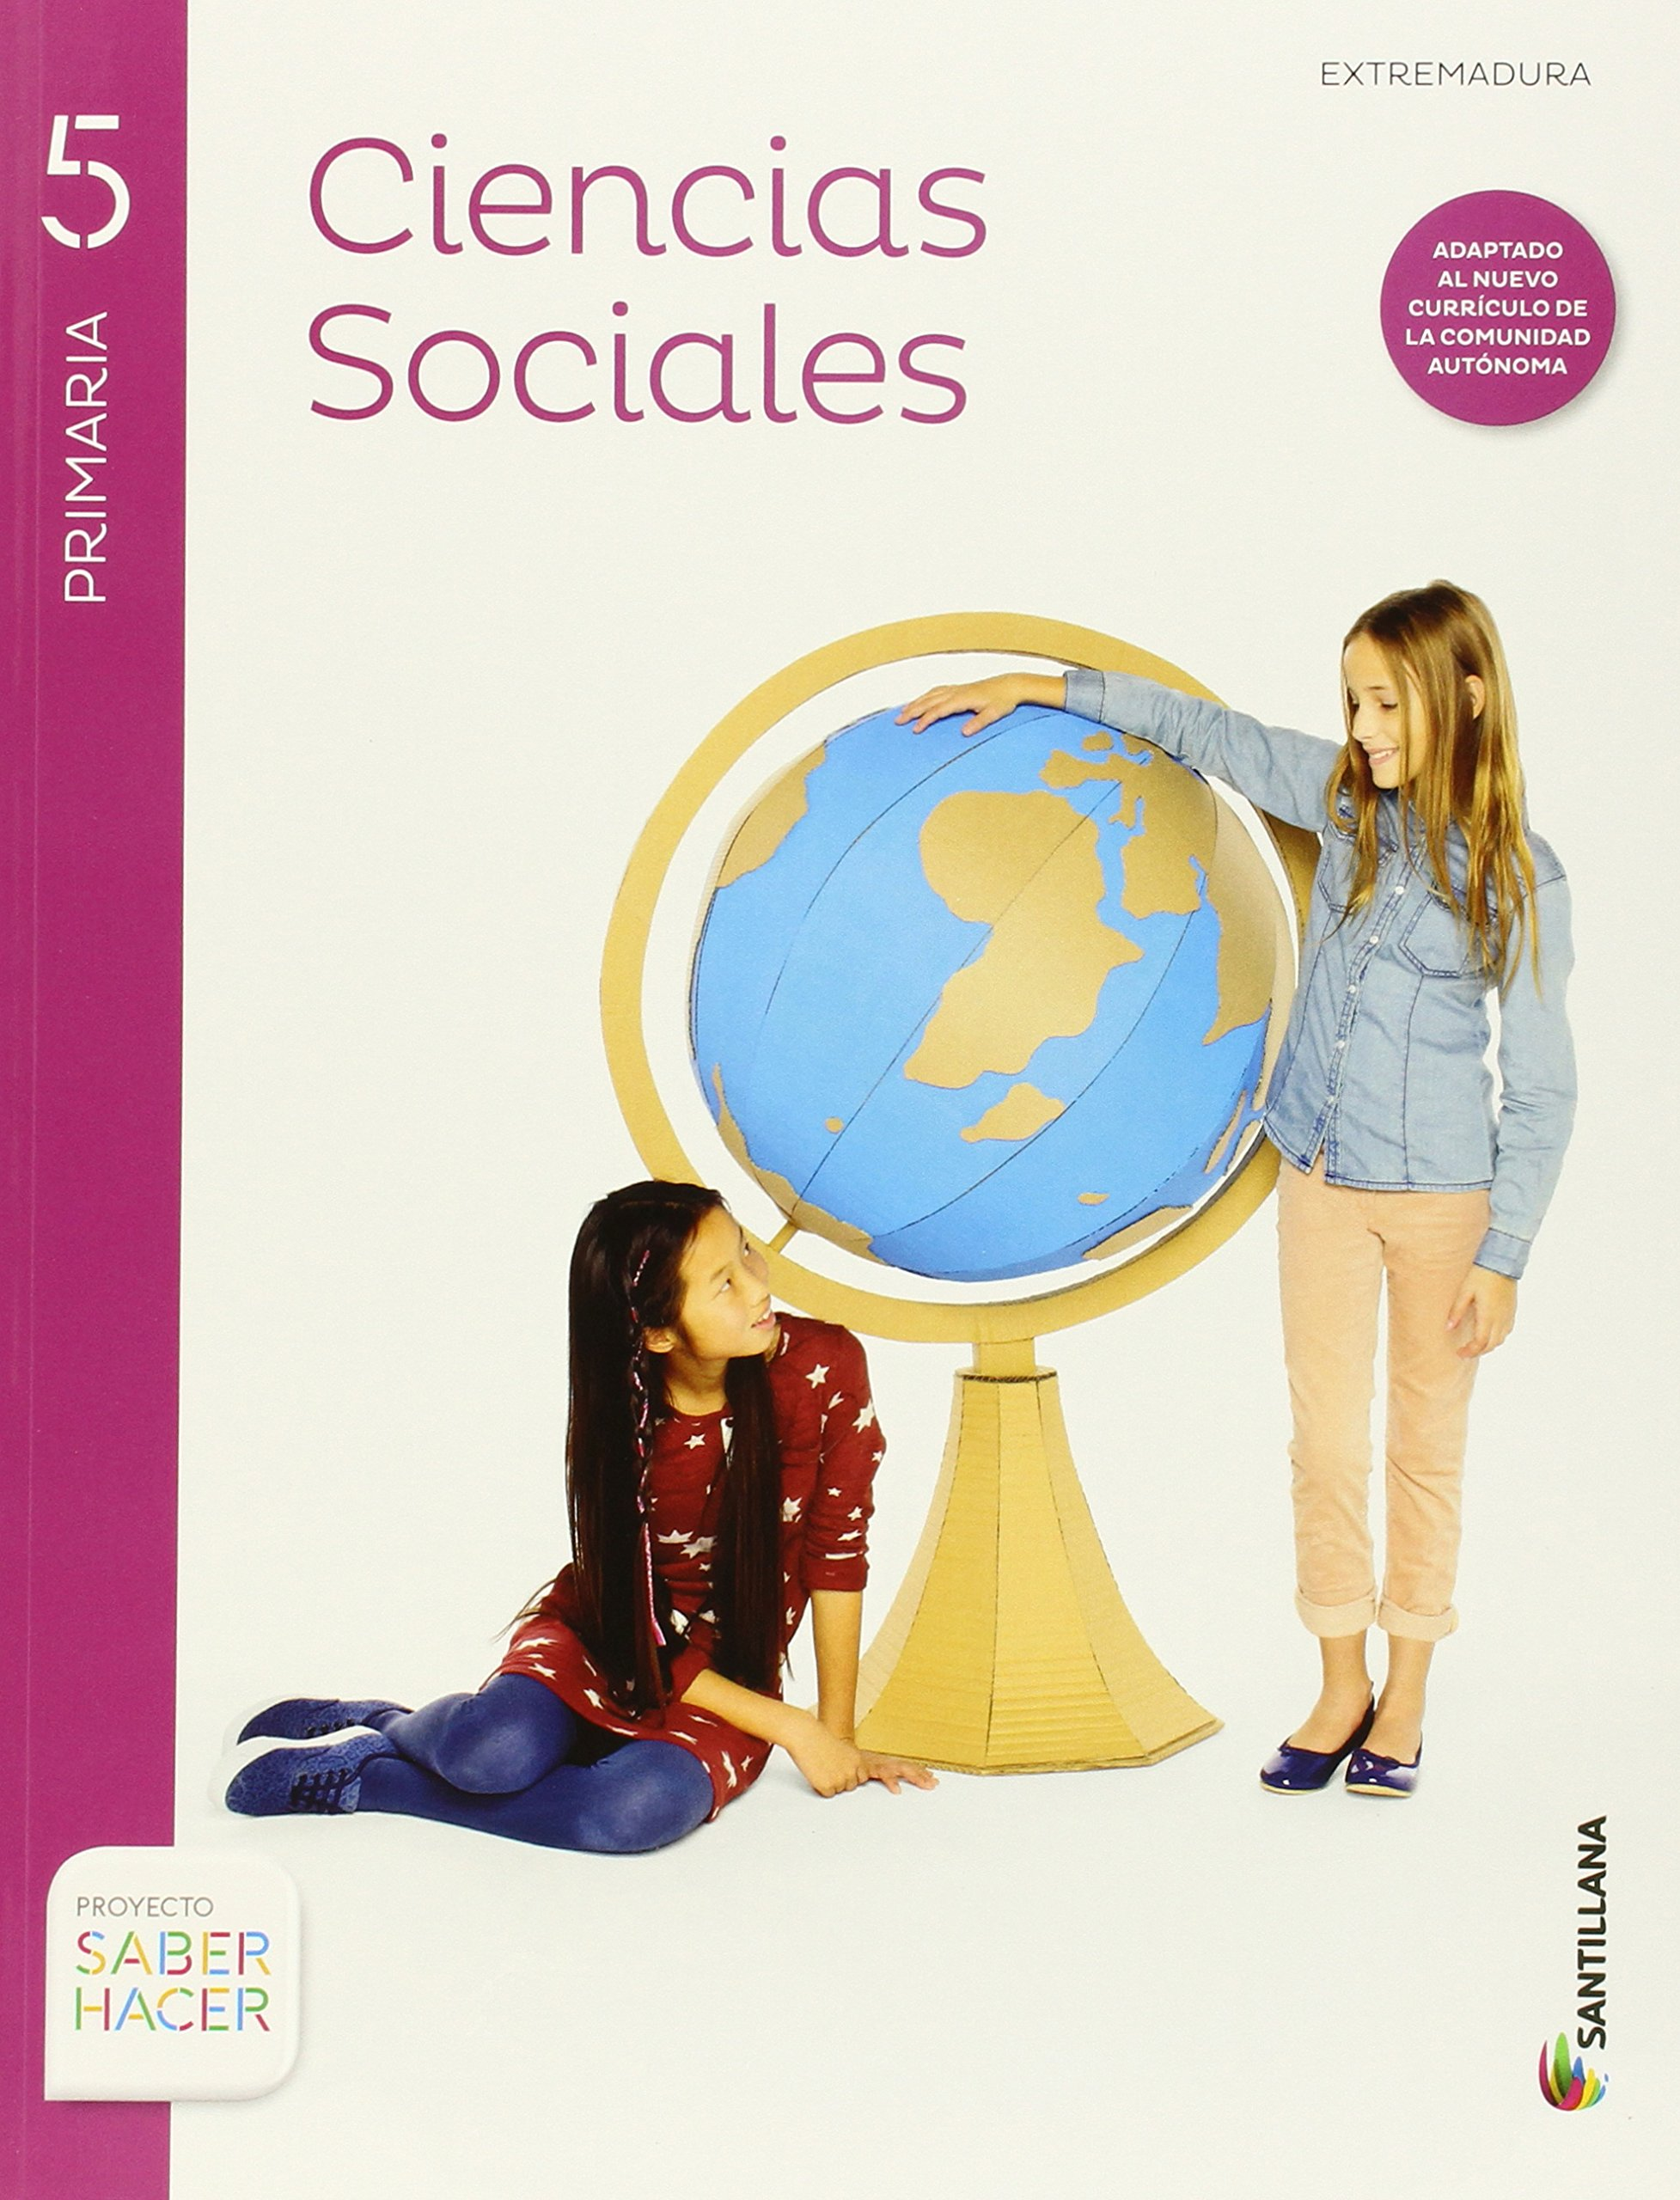 CIENCIAS SOCIALES + ATLAS EXTREMADURA 5 PRIMARIA SANTILLANA ...